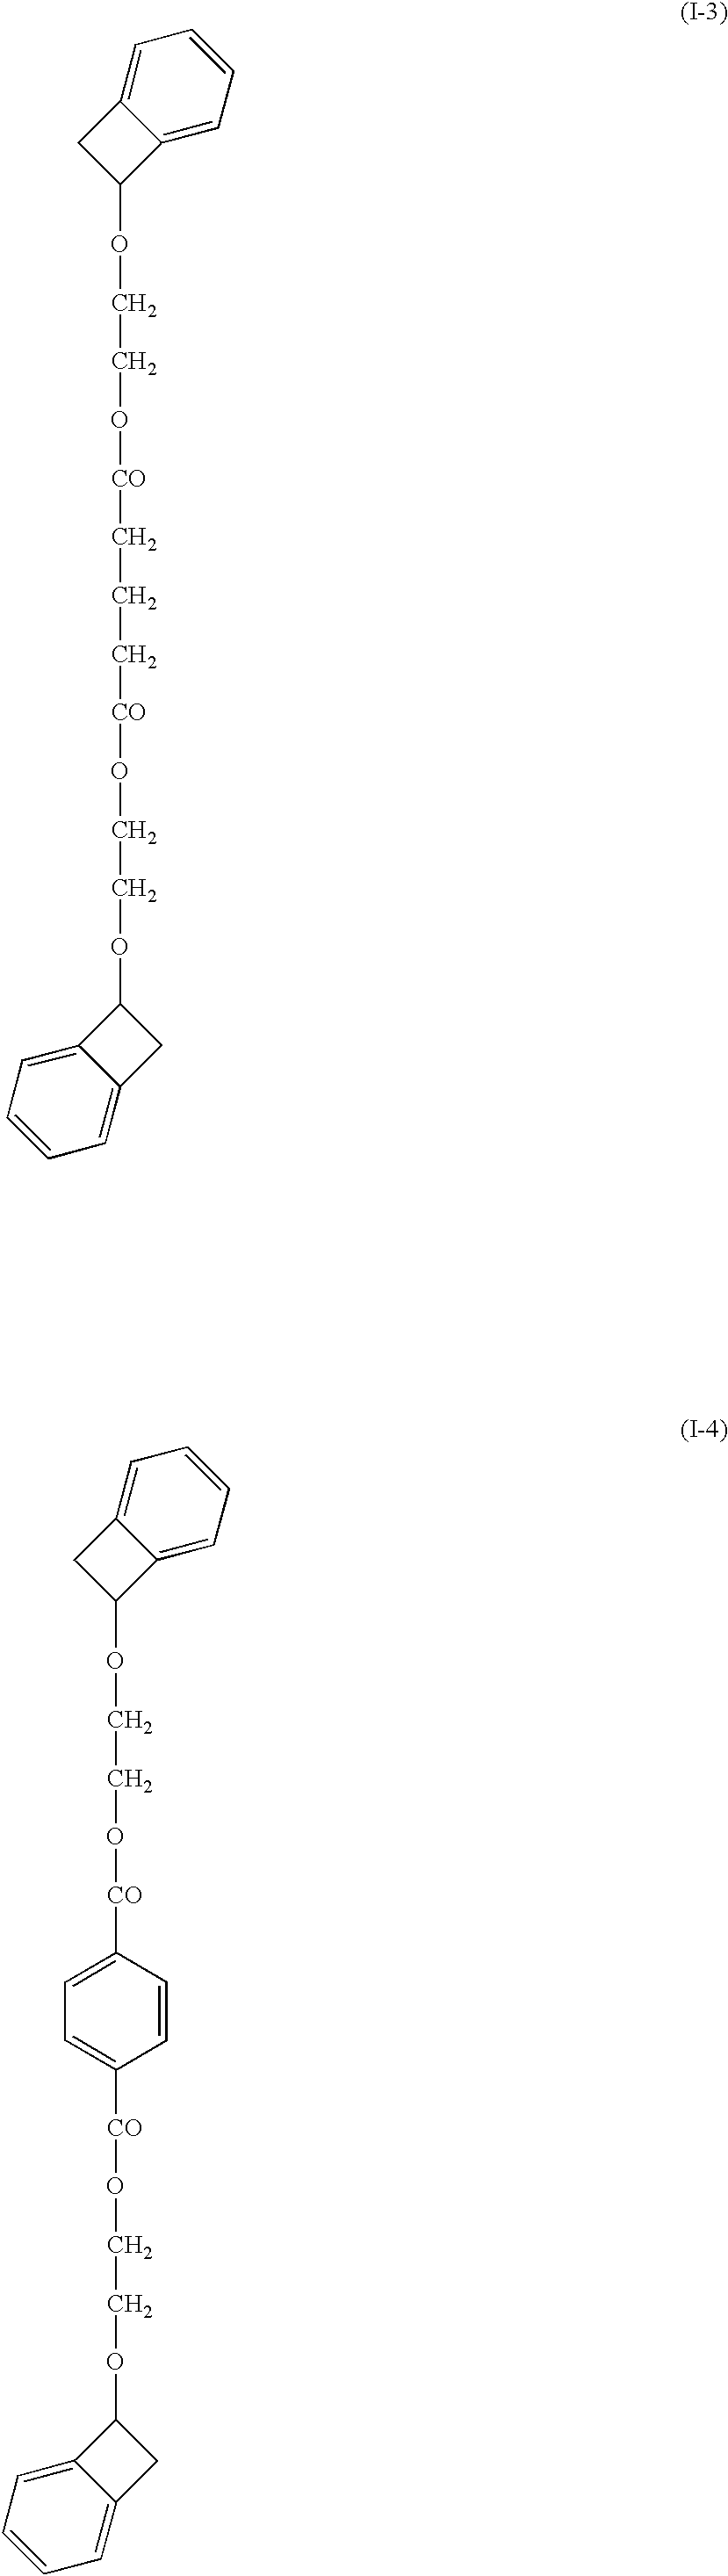 Figure US20030165778A1-20030904-C00007